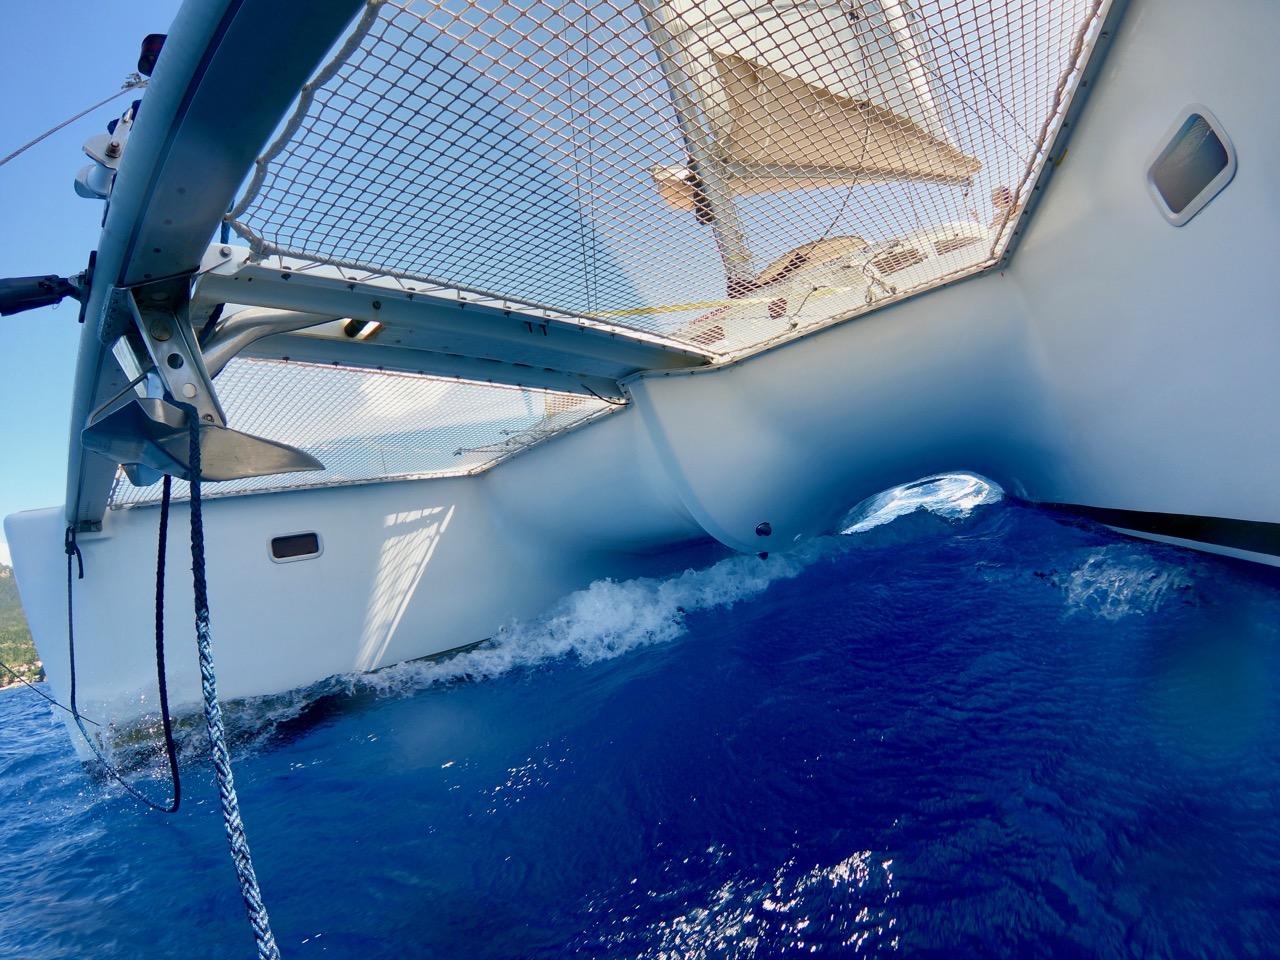 海盗,加勒比,加勒比海,ARC,环球 【环球旅程-2】到加勒比海寻找海盗的宝藏  113121g9kaxbay